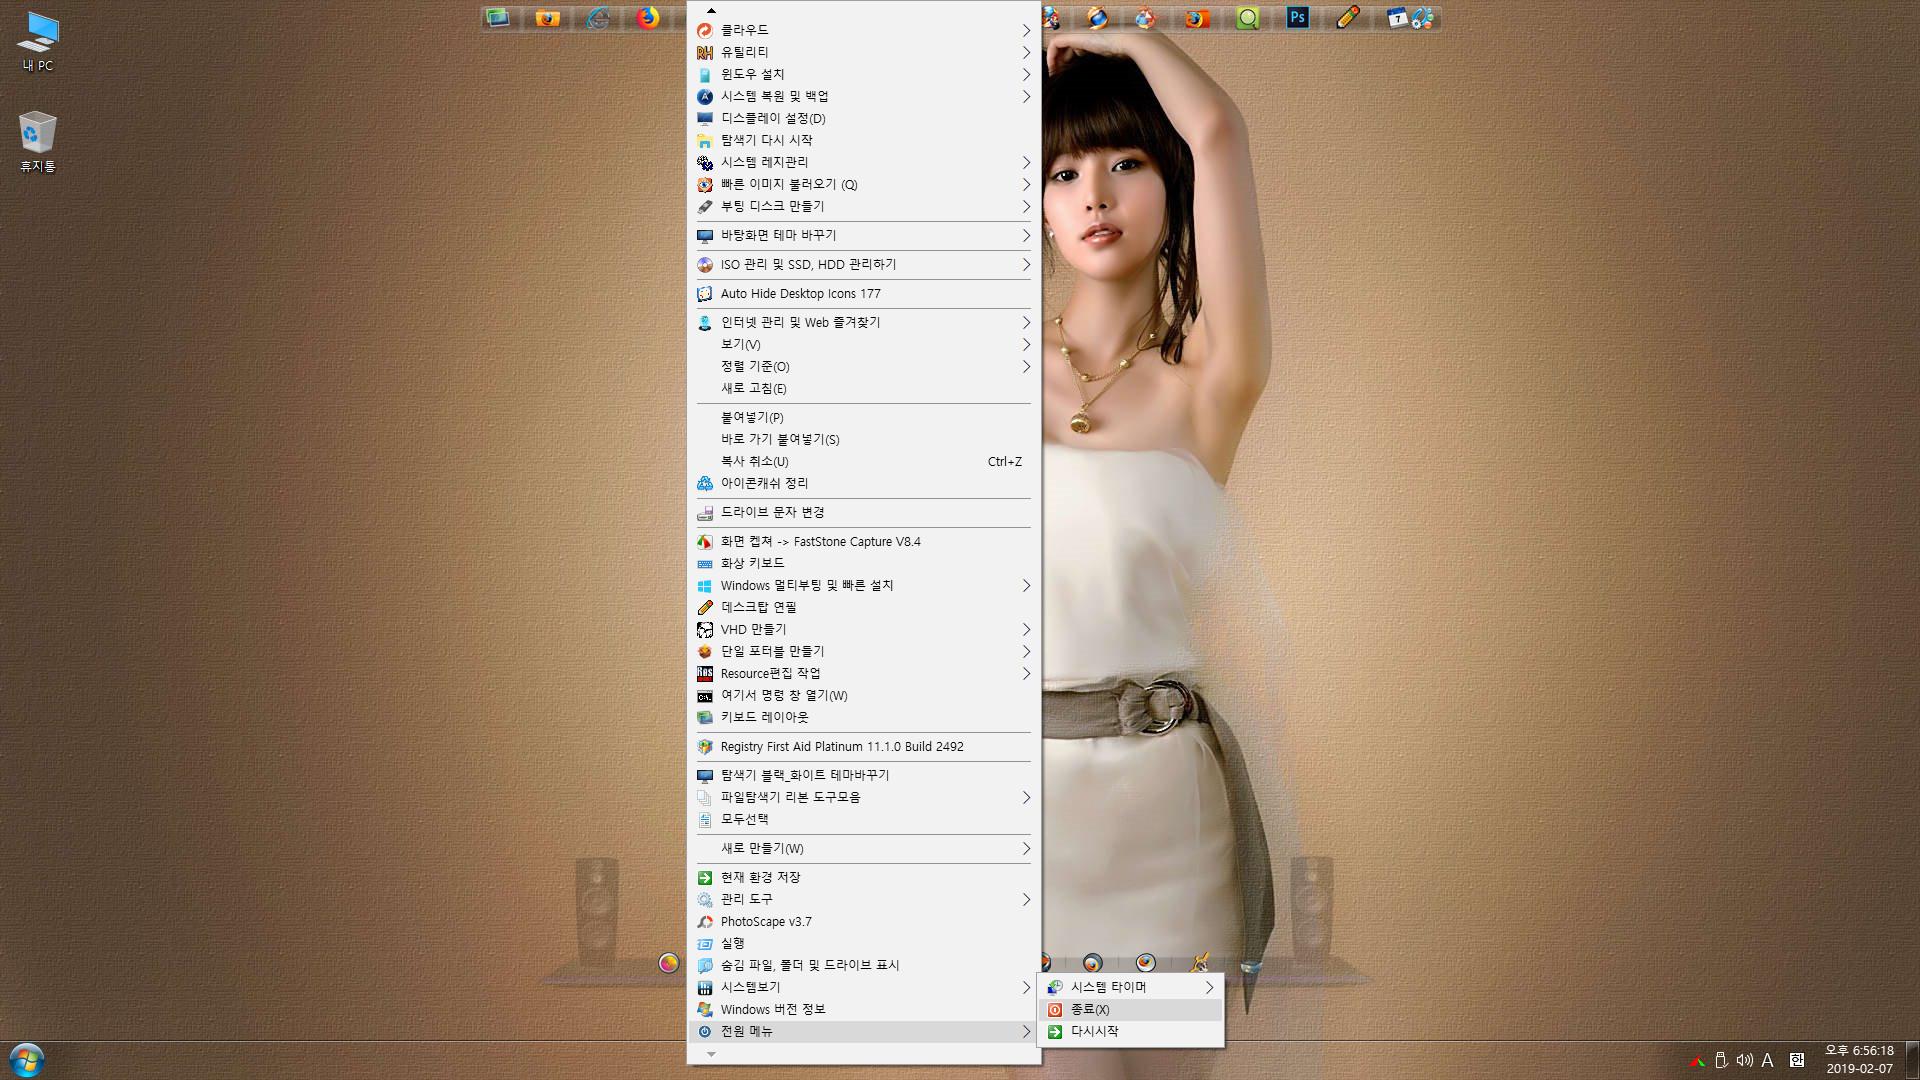 ReMount_pArAoTPg41_0012-01.jpg